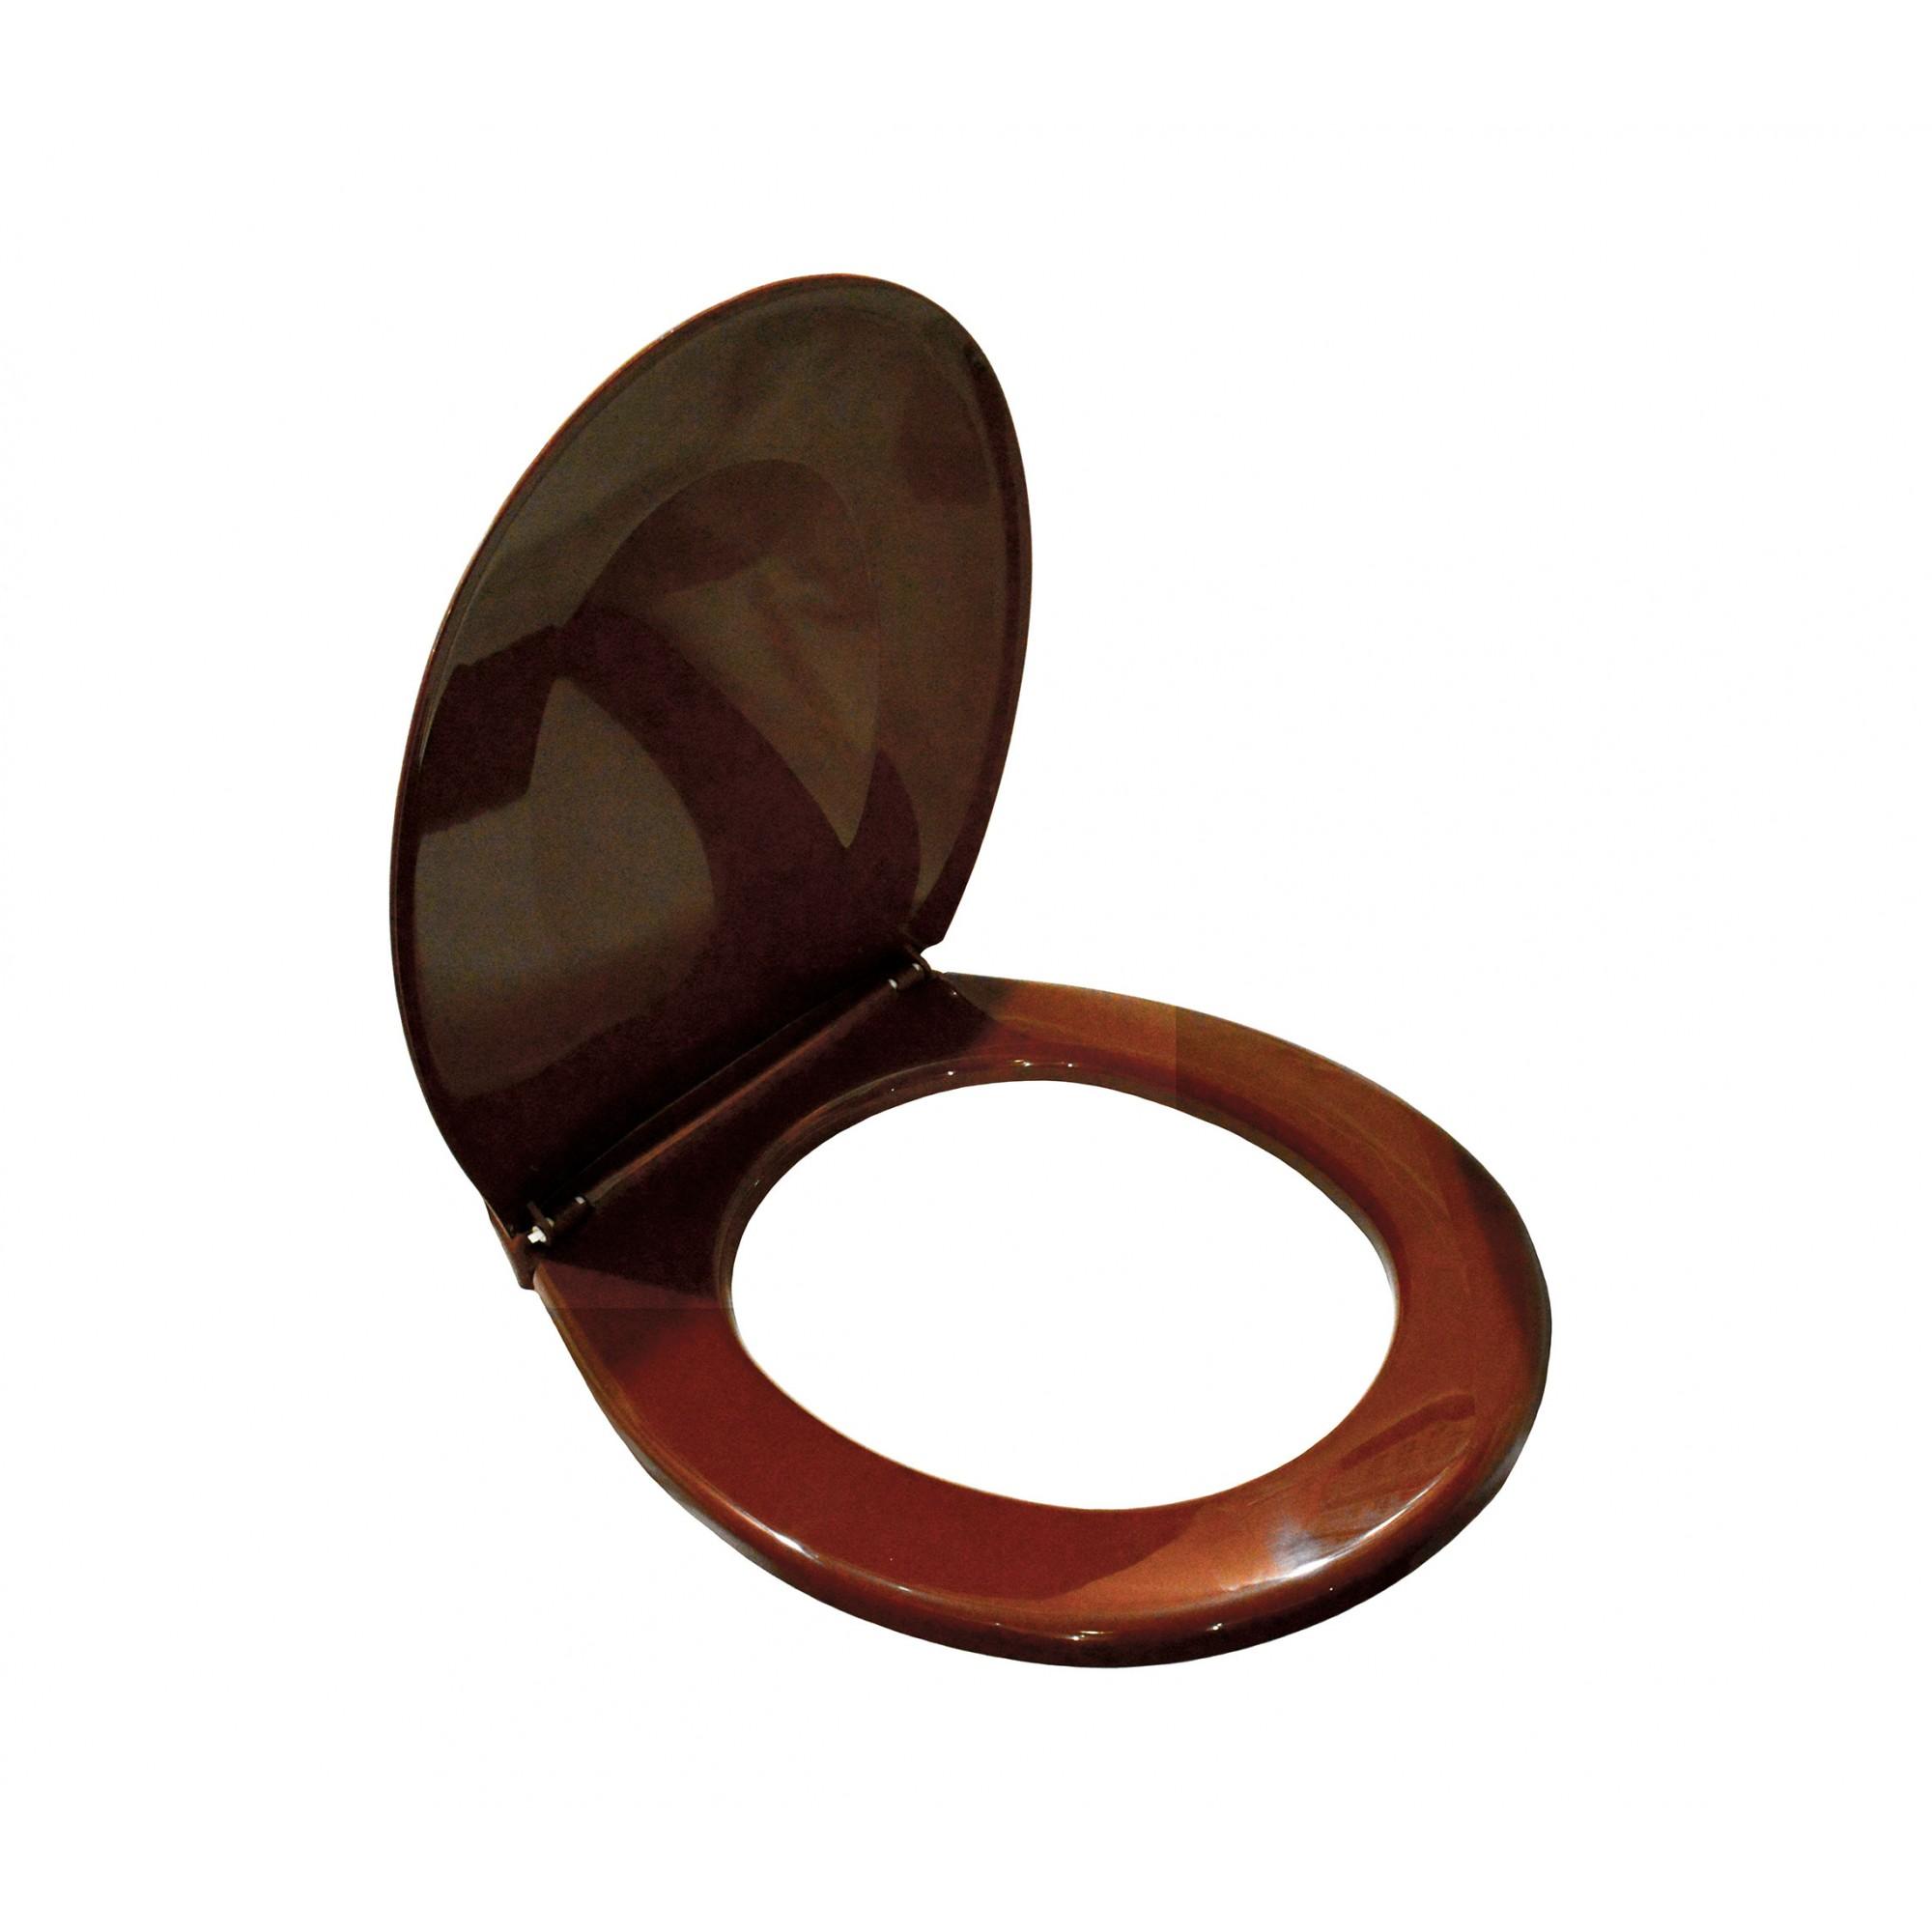 Крышка для унитаза белая SYDANIT СД 21, полиропилен, коричневая SYDANIT - 3